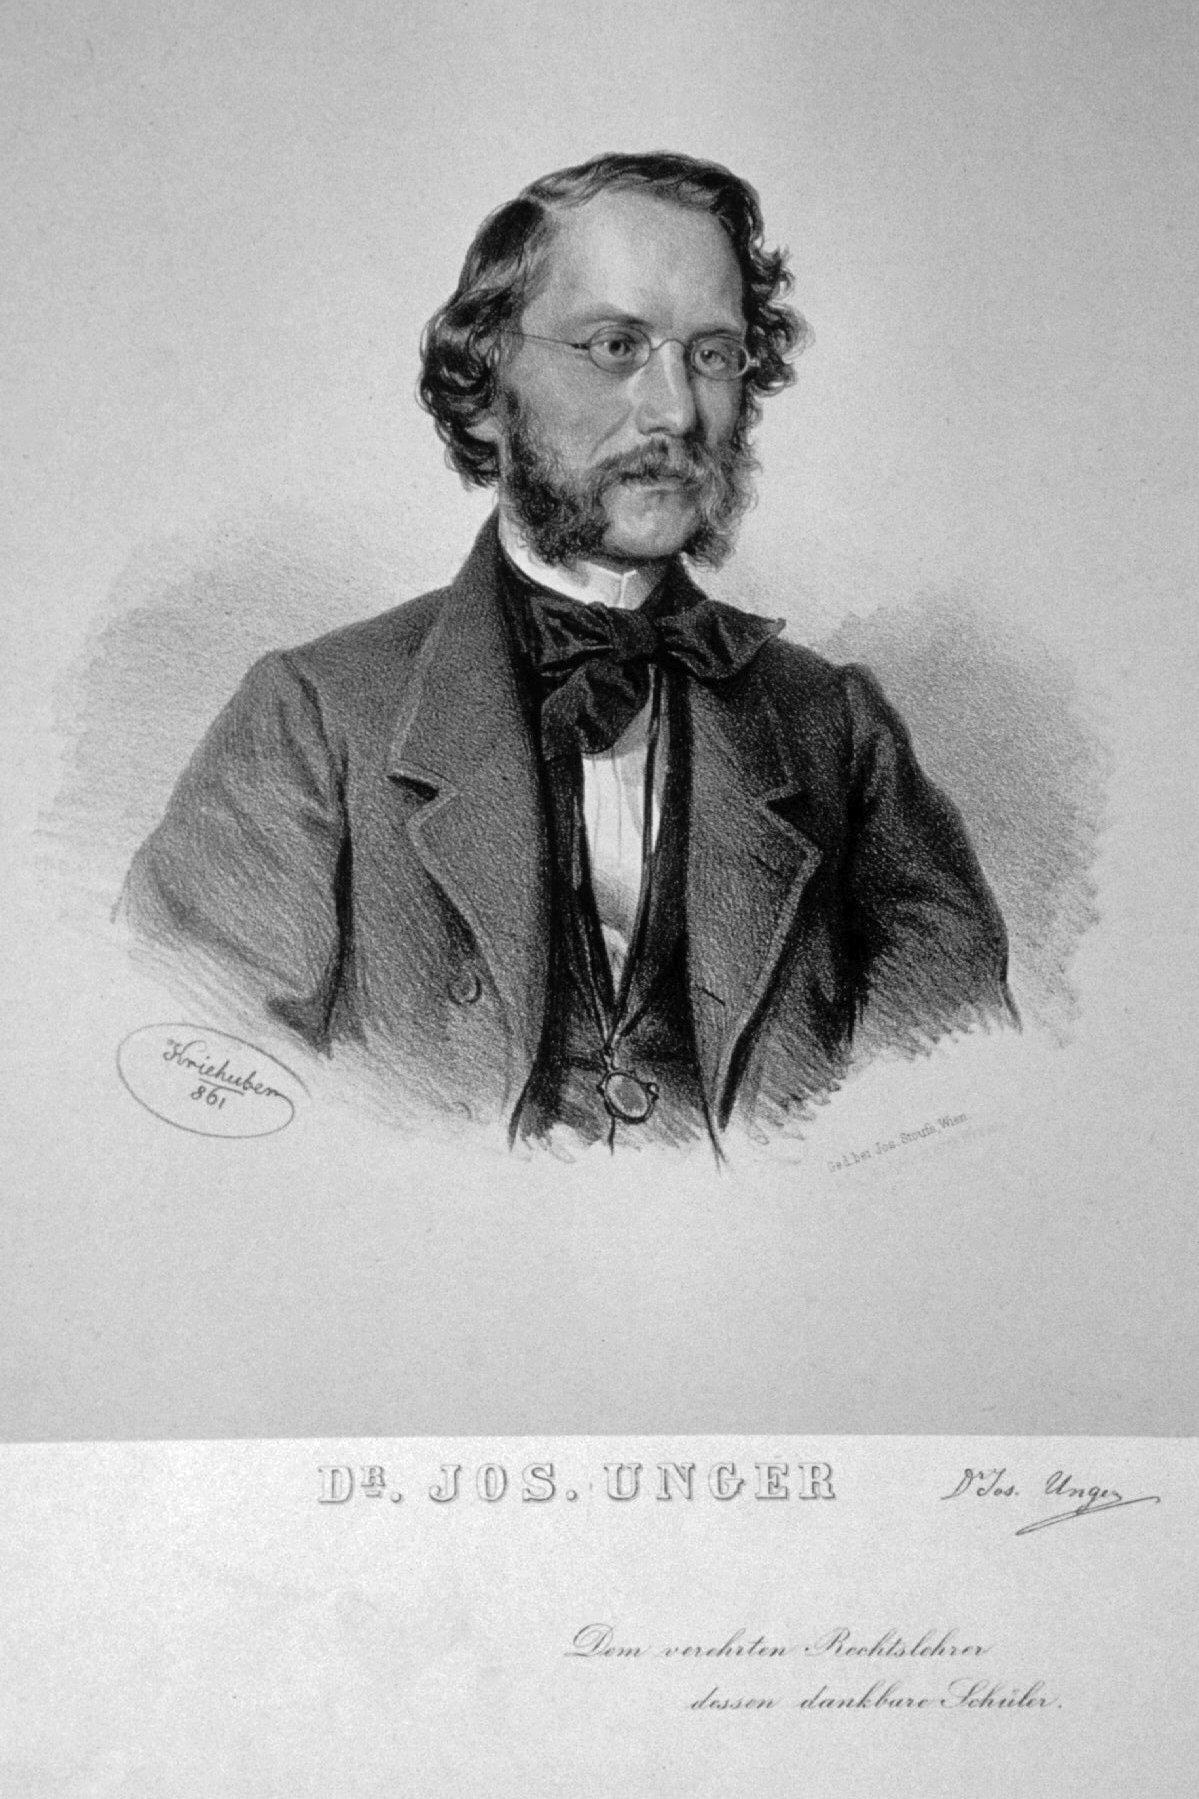 Joseph Unger.